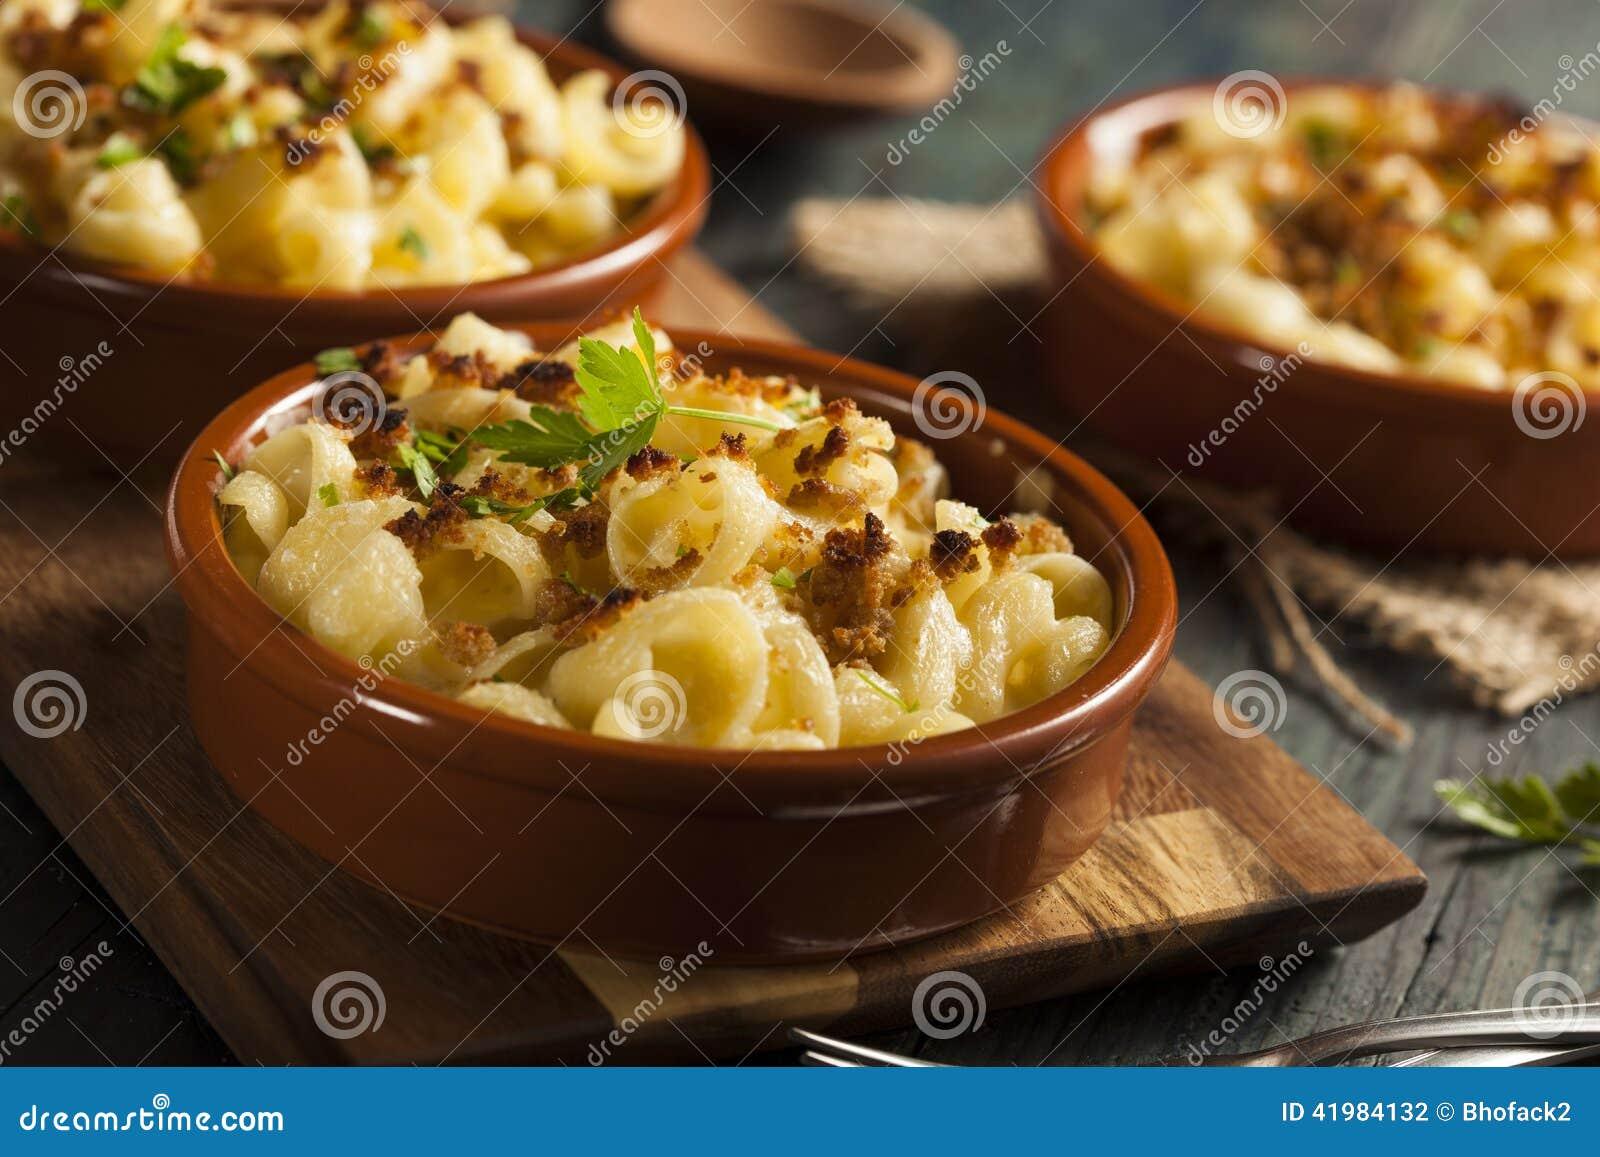 Macarrão e queijo caseiros cozidos